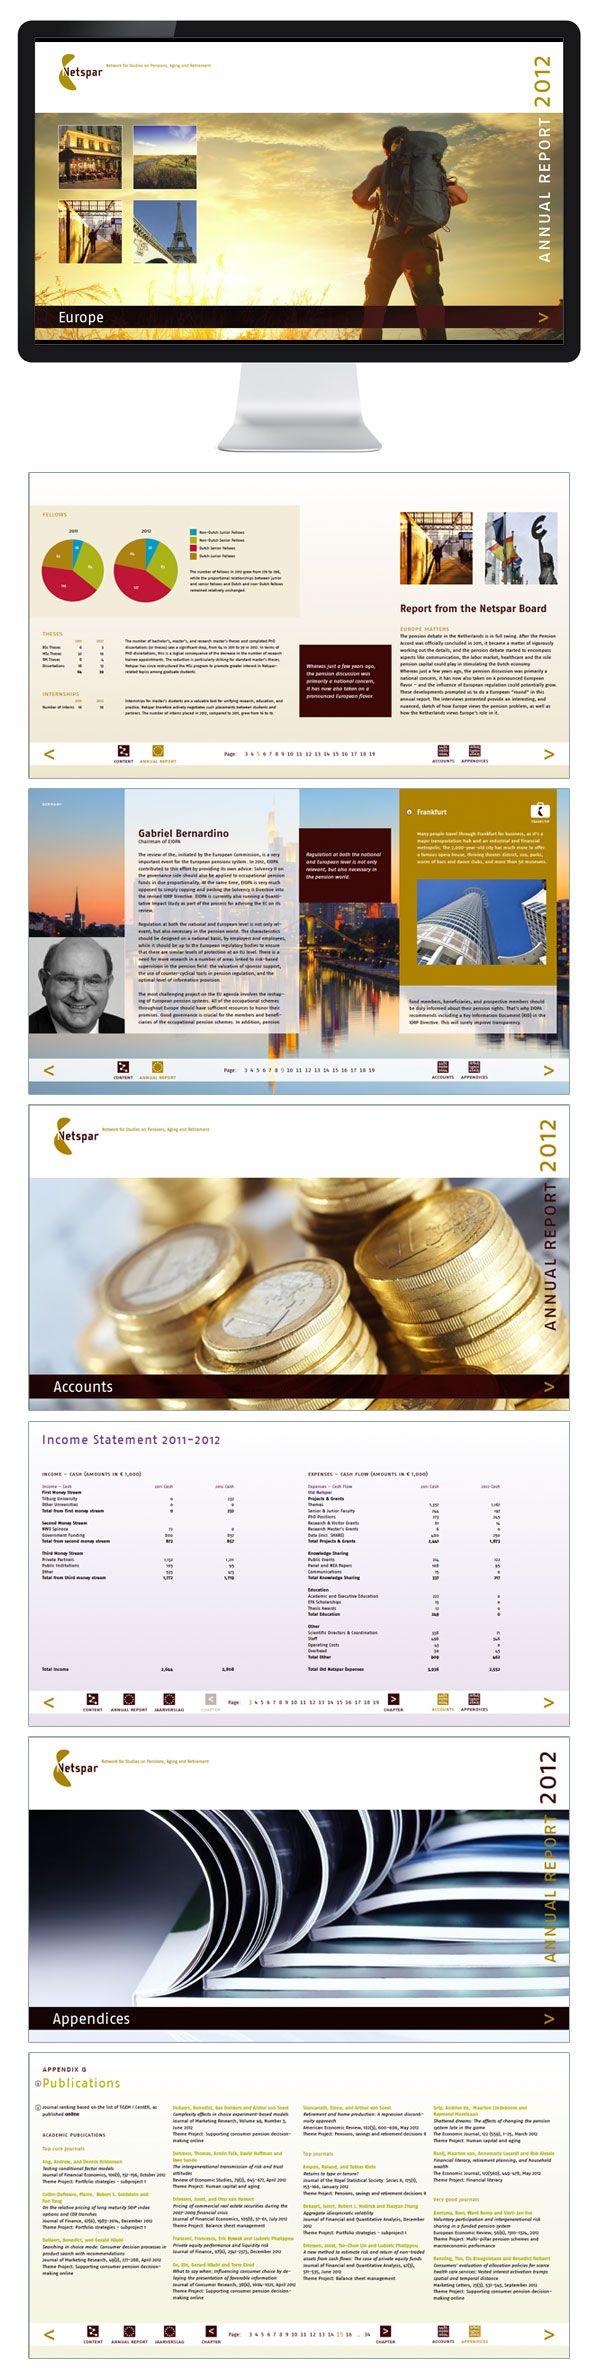 Interactief jaarverslag Netspar 2012, ontwerp en realisatie B-more design uit Tilburg